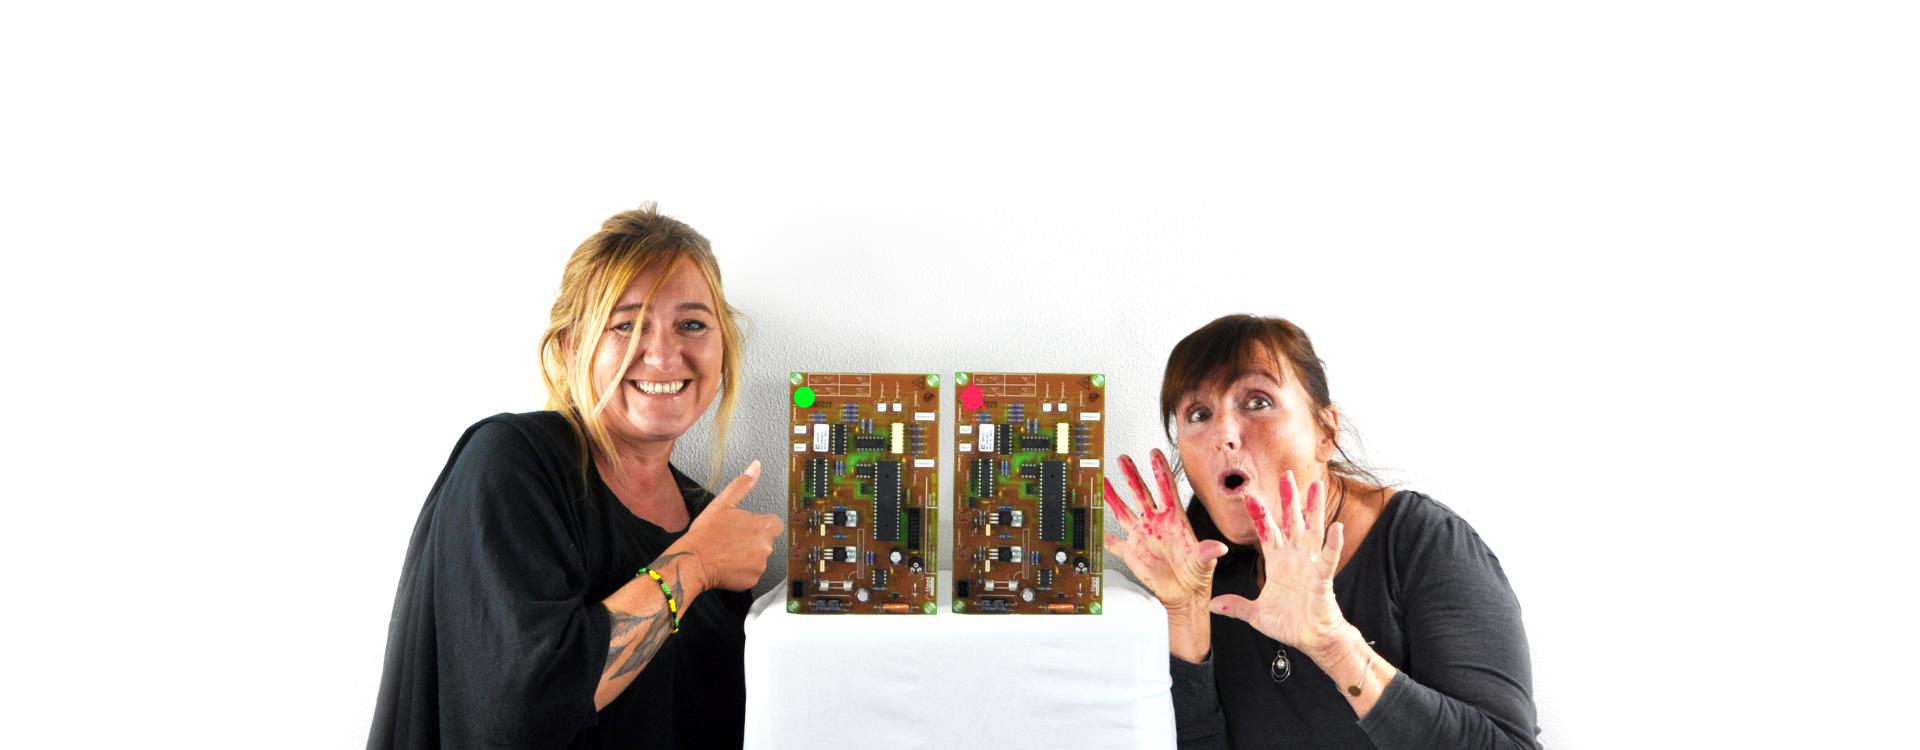 zwei Frauen präsentieren MS1000-Markiersystem von tippl